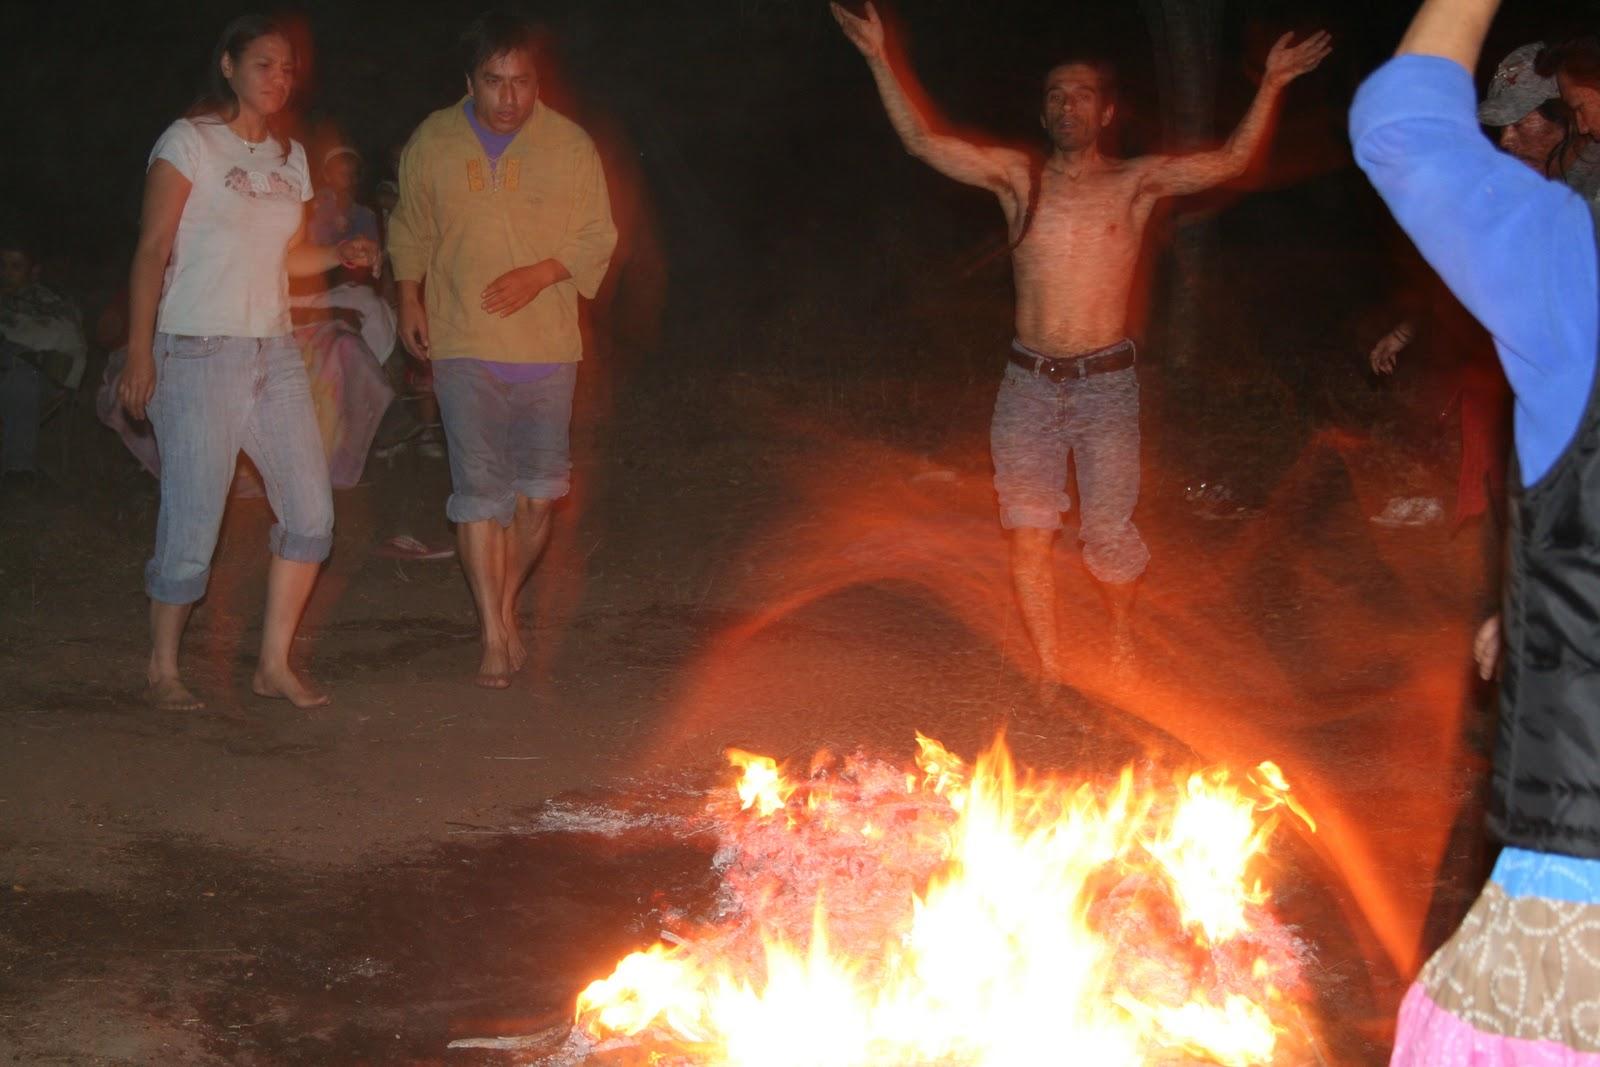 Caminando Fuego Caminando Sobre el Fuego es